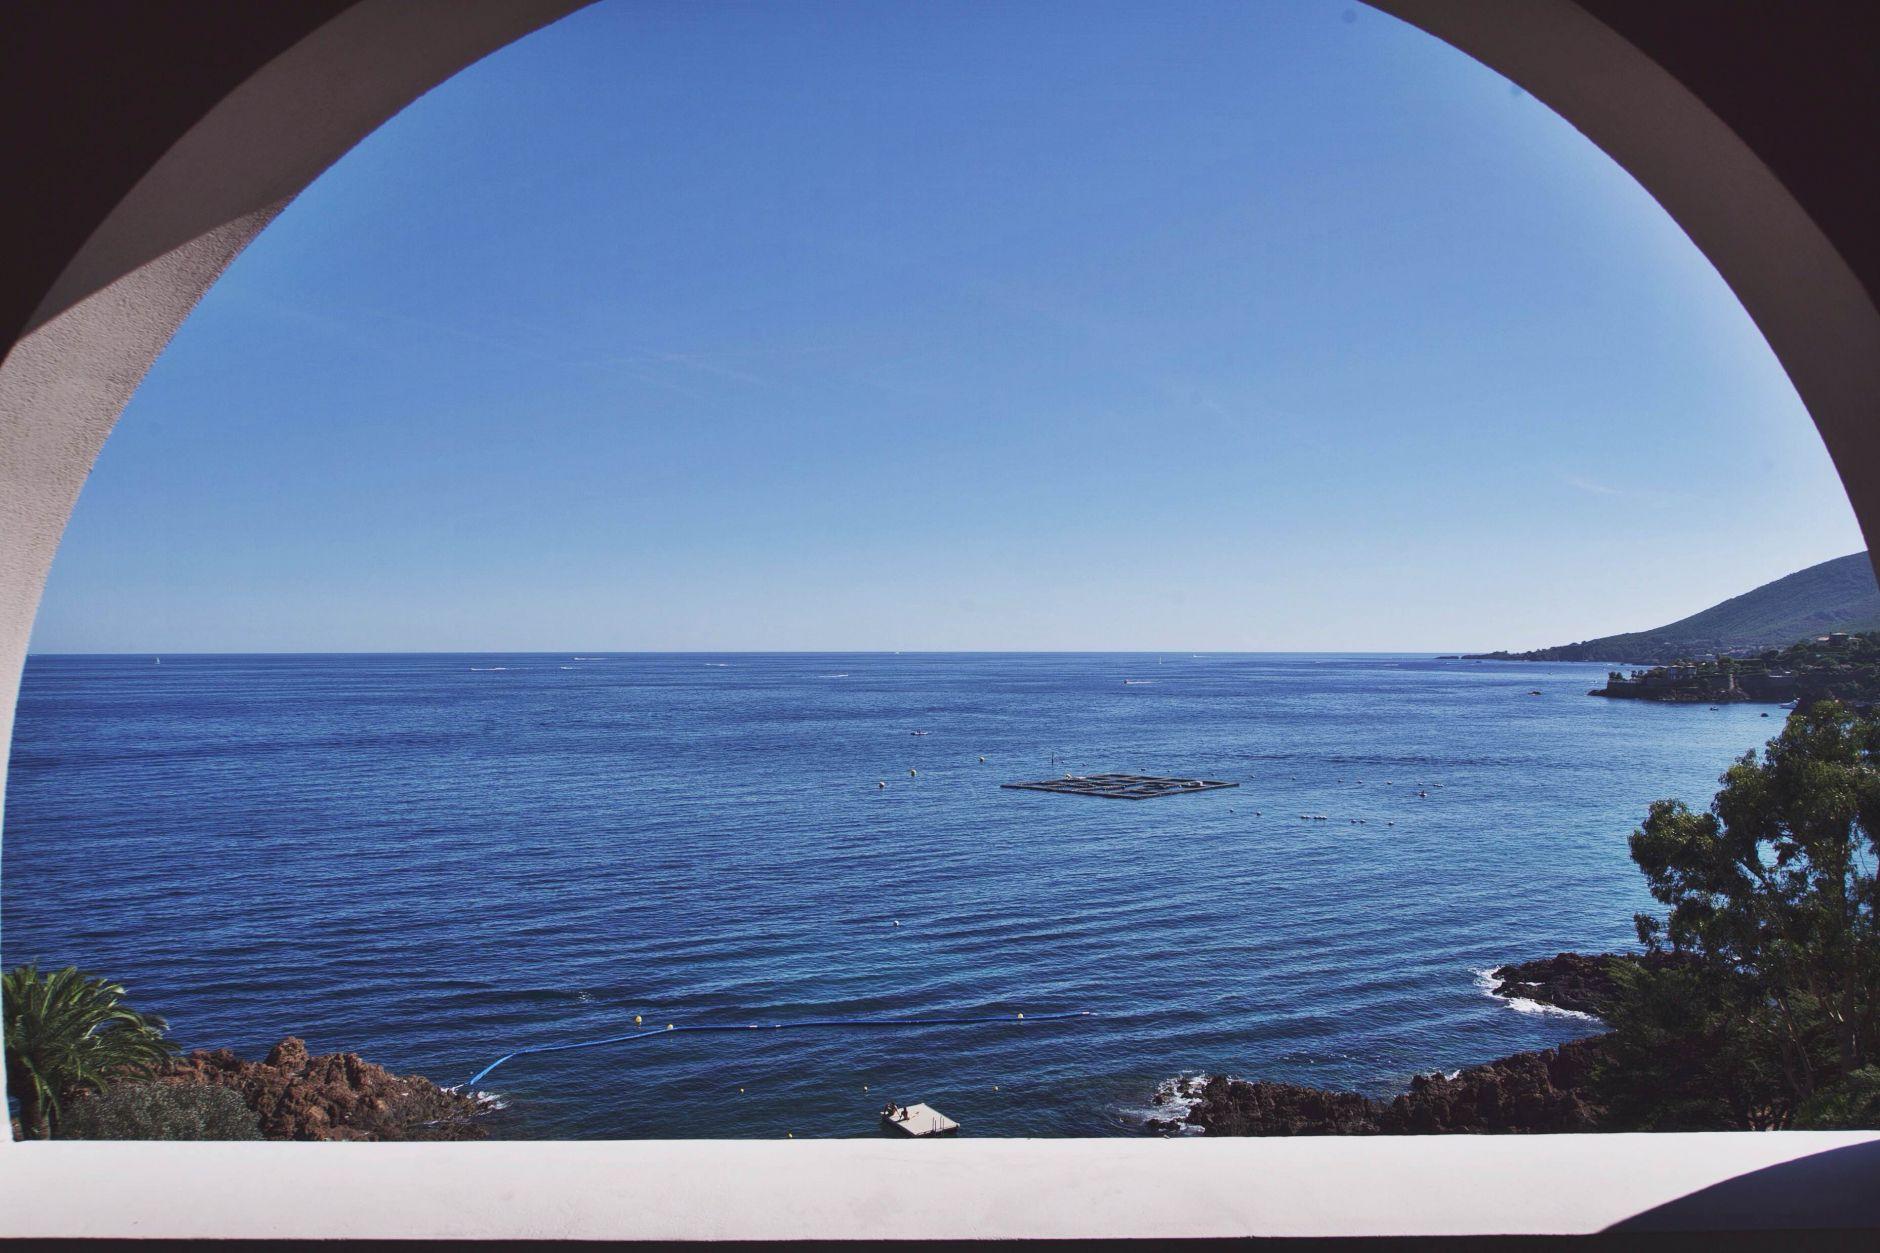 04-Tiara-Miramar-Beach-Hotel-Spa-Cote-dAzur-Disi-Couture-Edisa-Shahini-Cannes-France